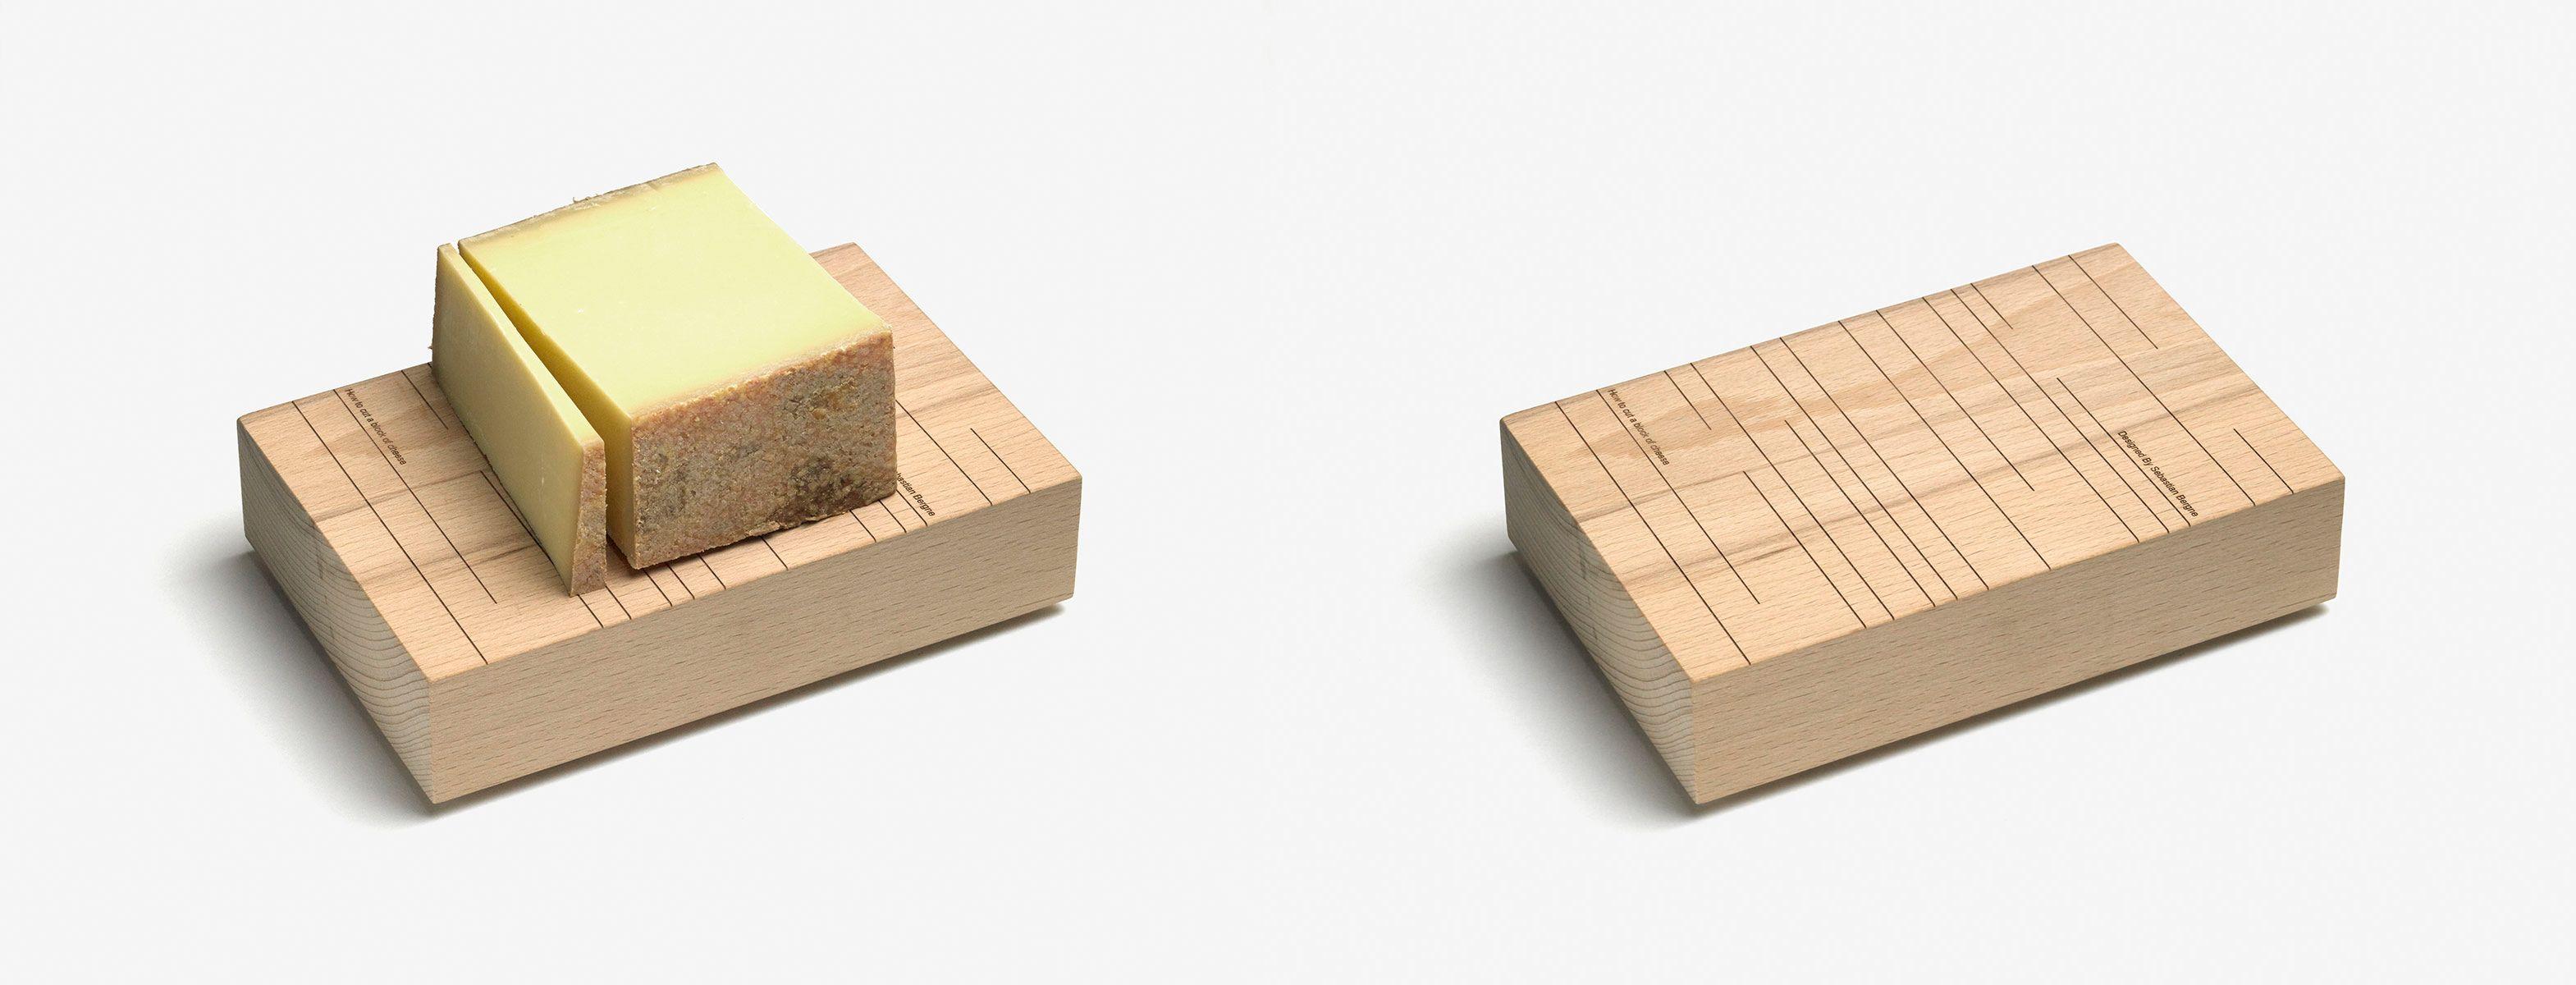 E shop di design dal produttore al consumatore bigodino for Produttore di blueprint online